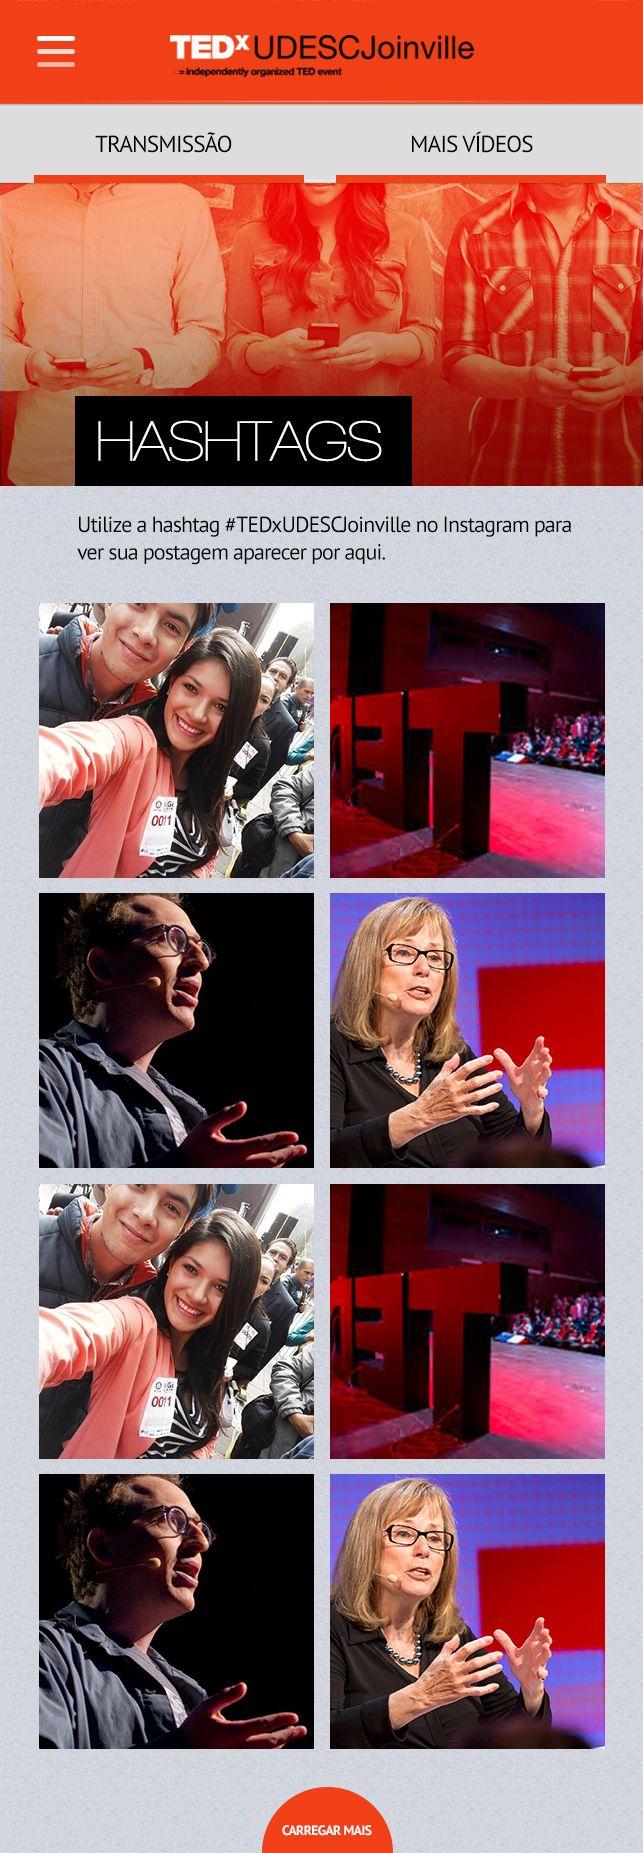 HASHTAGS: Pensamos na interação entre o aplicativo e o público do evento, por meio de hashtags as fotos do Instagram ficavam presentes no aplicativo.